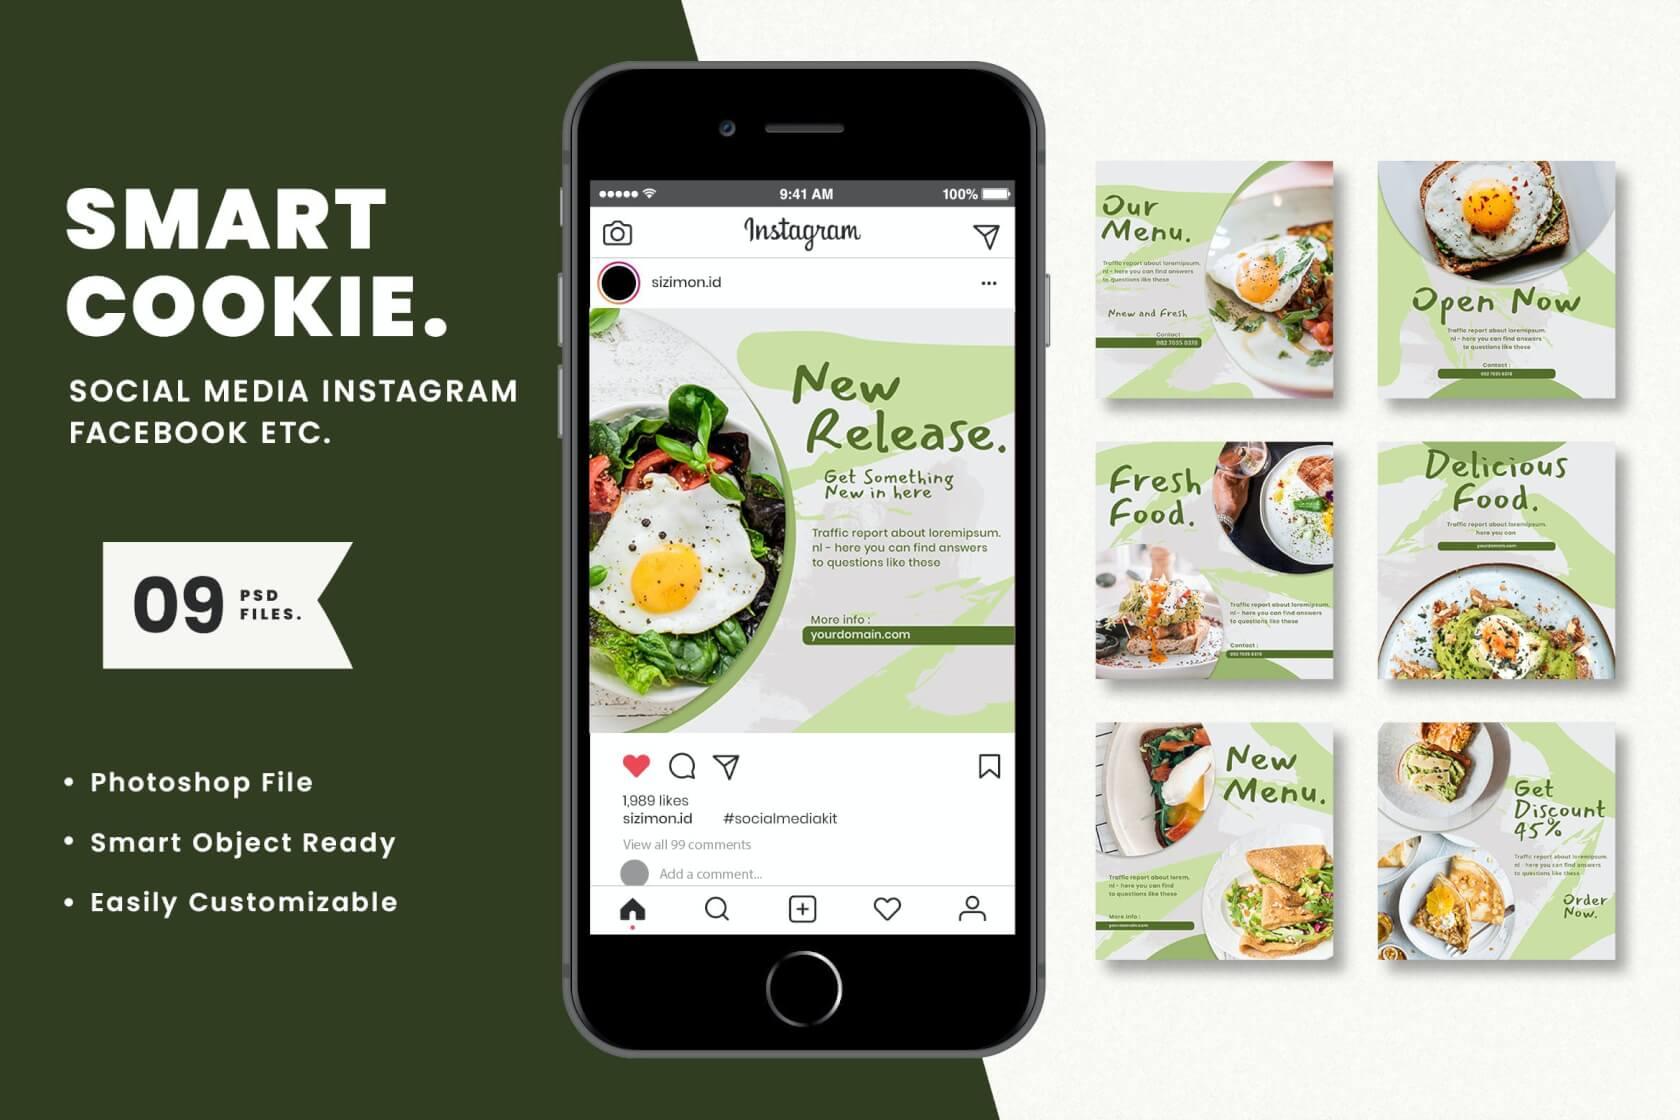 智能Cookie社交媒体工具包广告设计